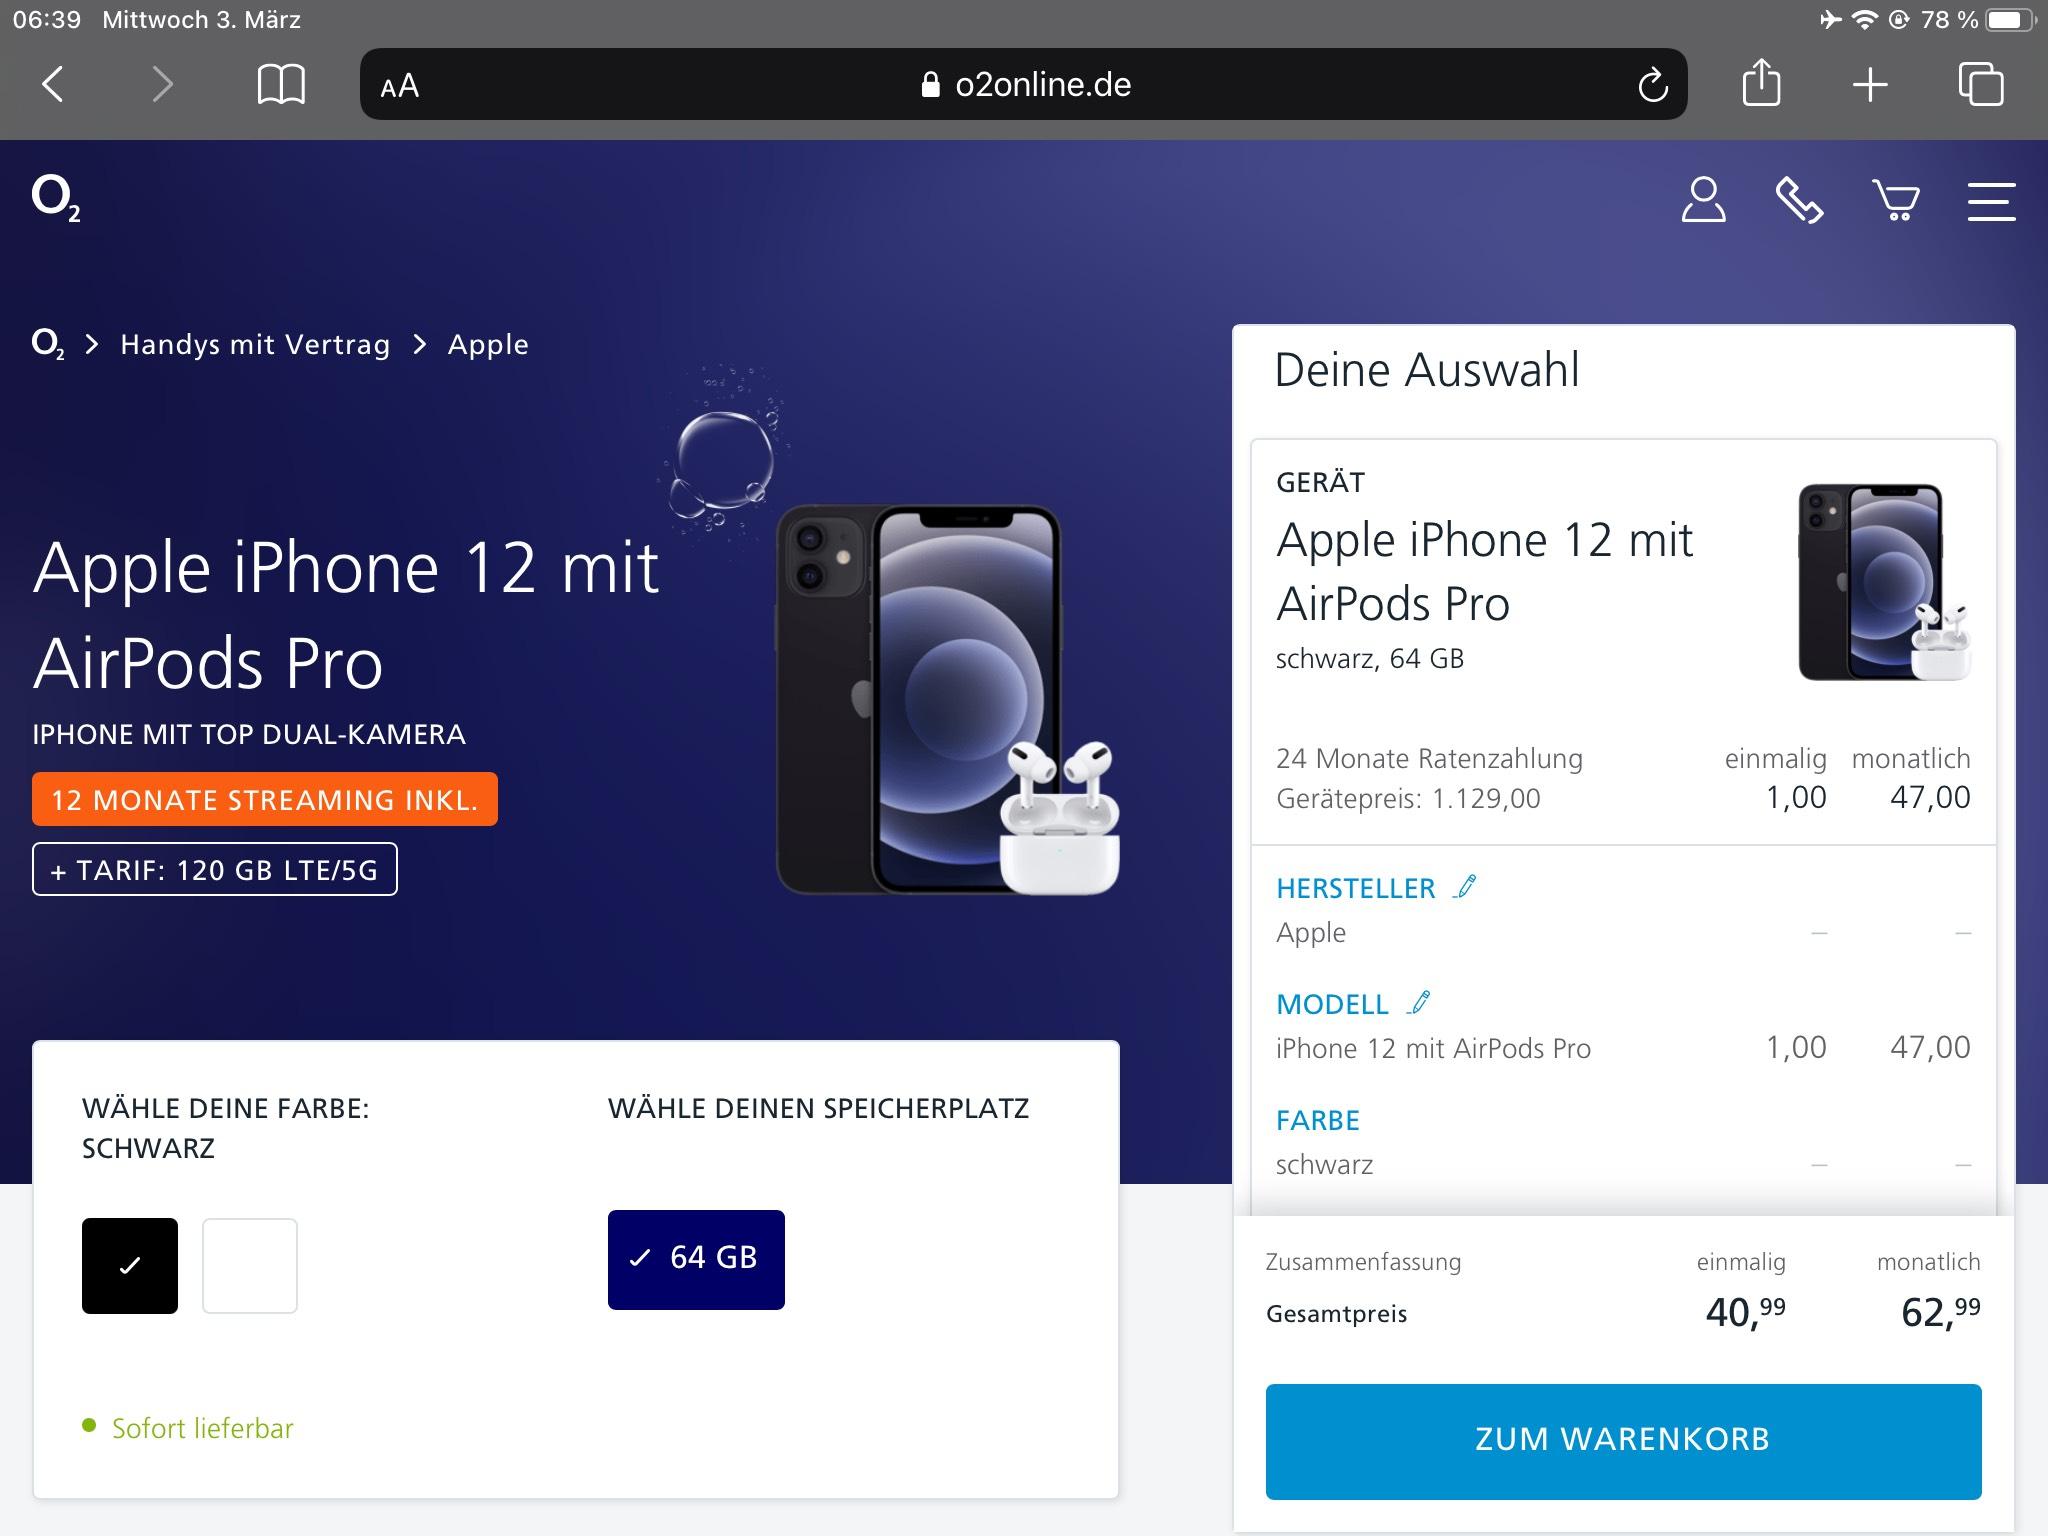 iPhone 12 + AirPods Pro + 1 Jahr Streaming ( Netflix, Sky oder O2 TV) für effektive 64,69€ im Monat.